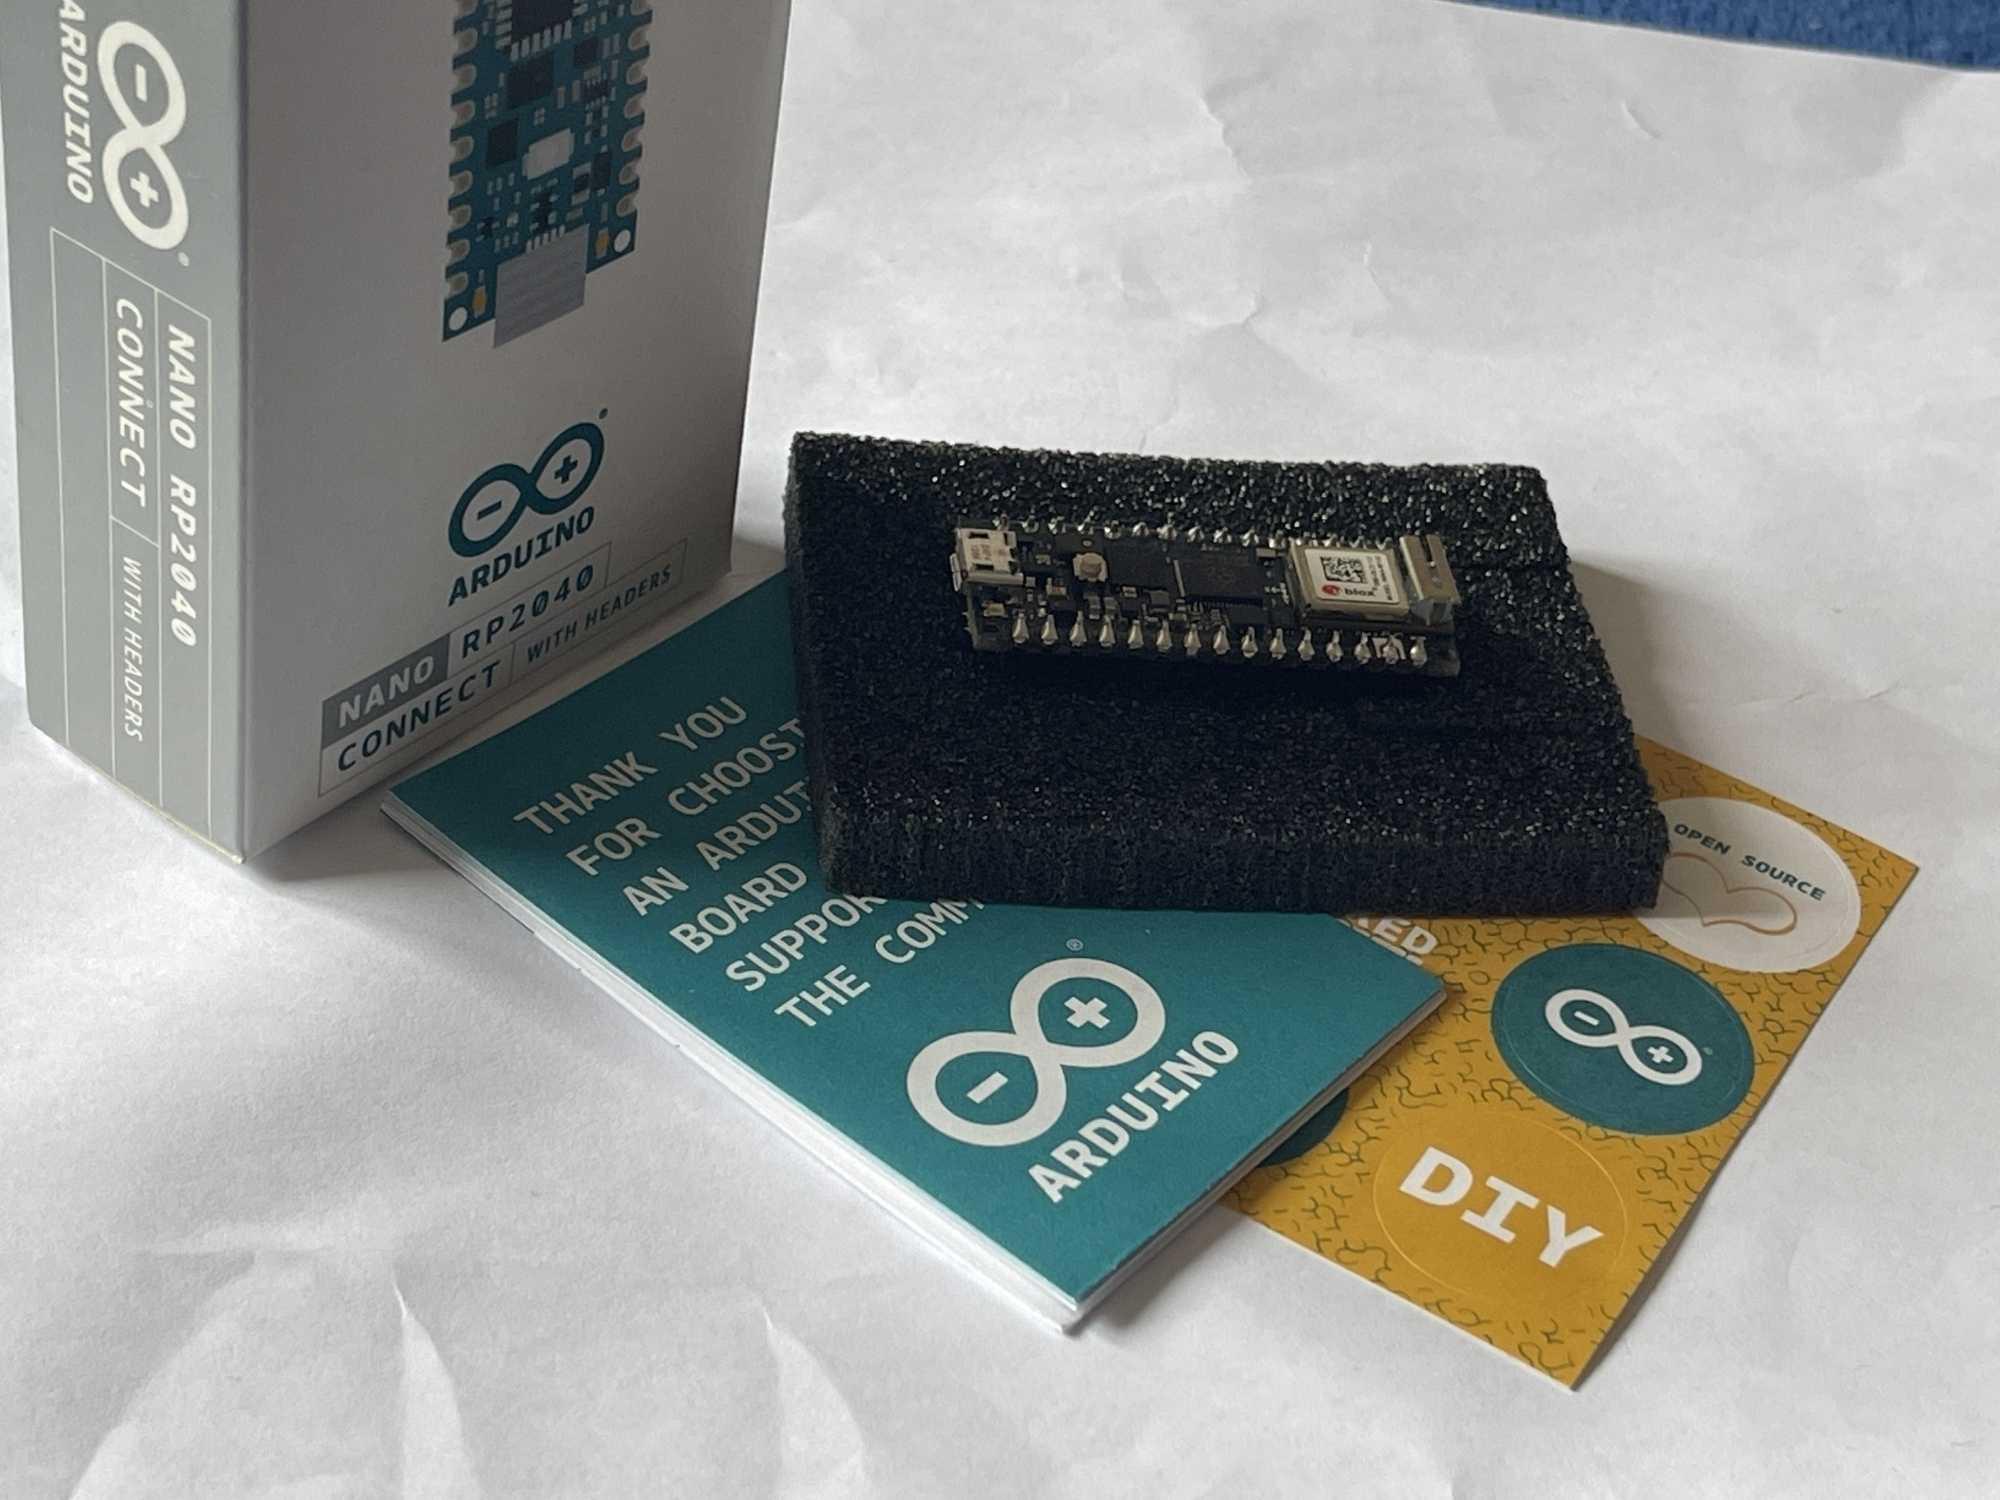 Das neue Board Arduino Nano RP2040 Connect